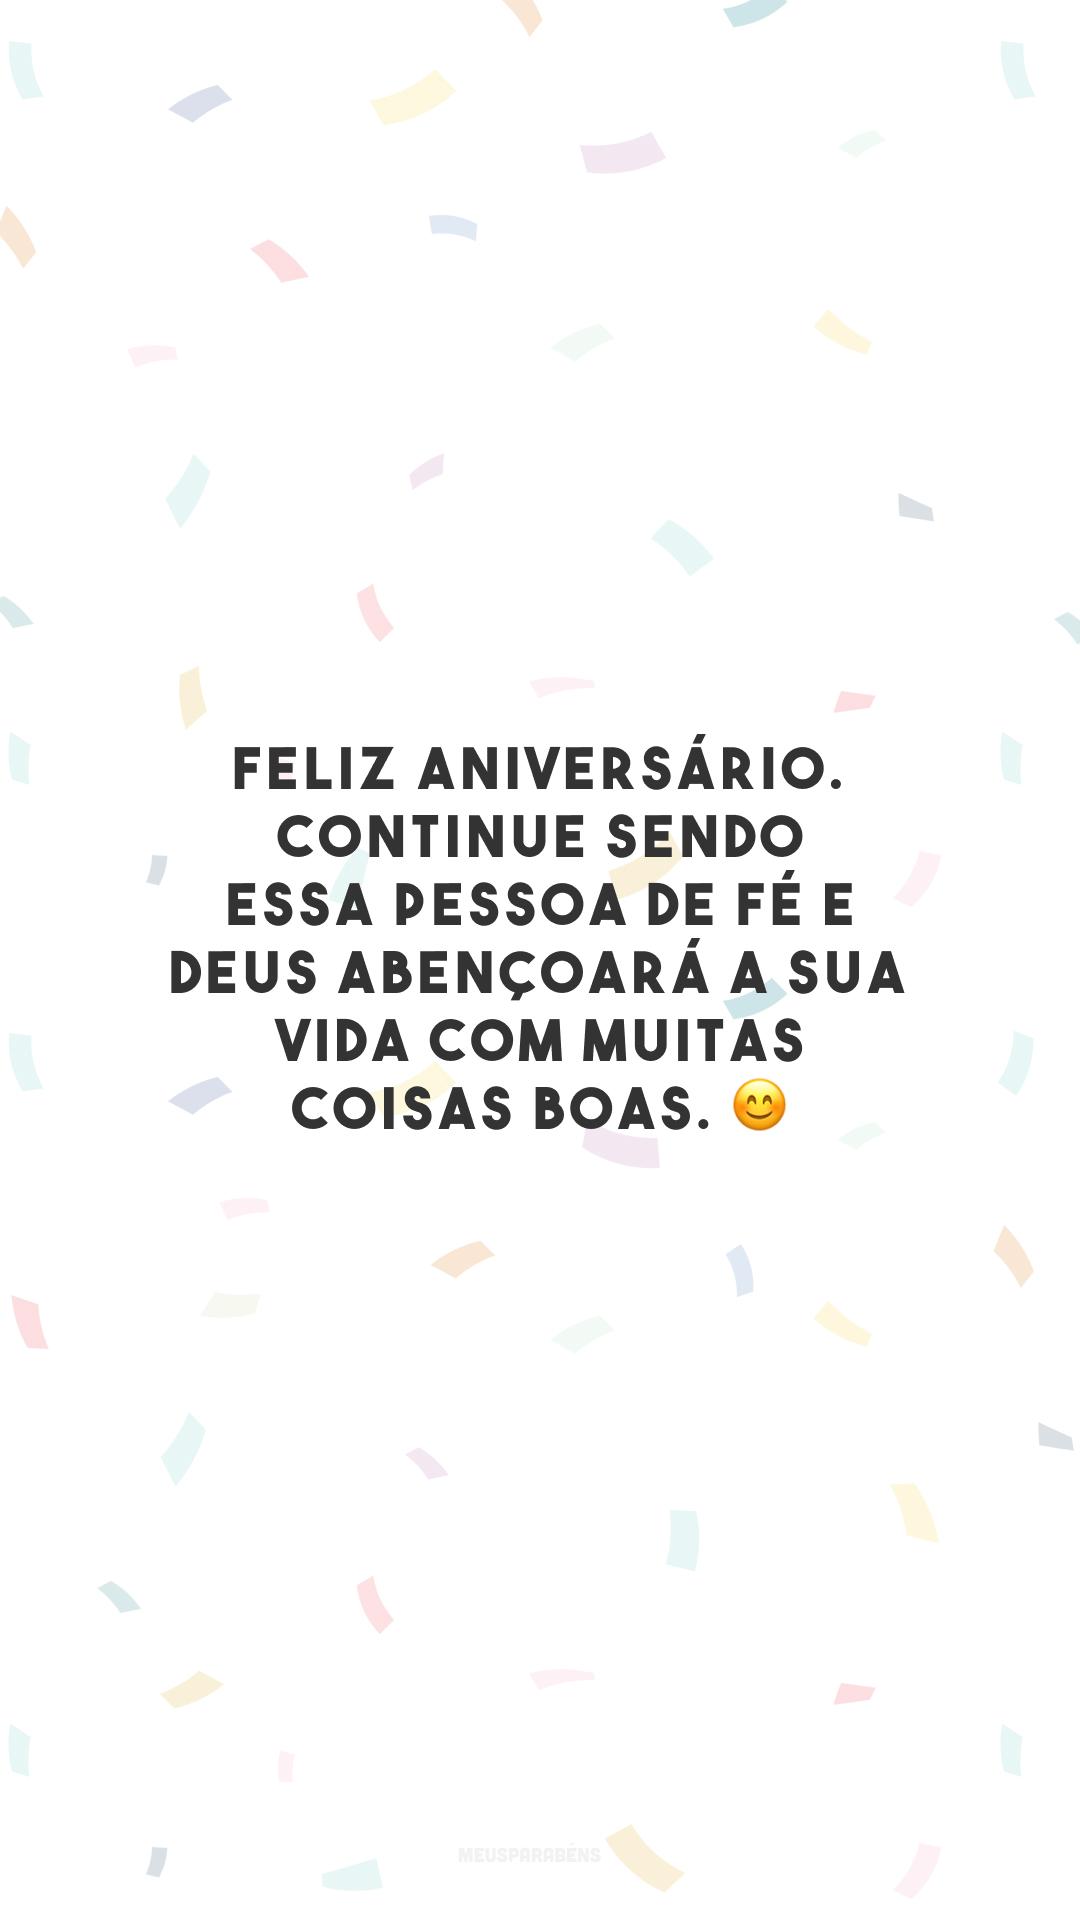 Feliz aniversário. Continue sendo essa pessoa de fé e Deus abençoará a sua vida com muitas coisas boas. 😊